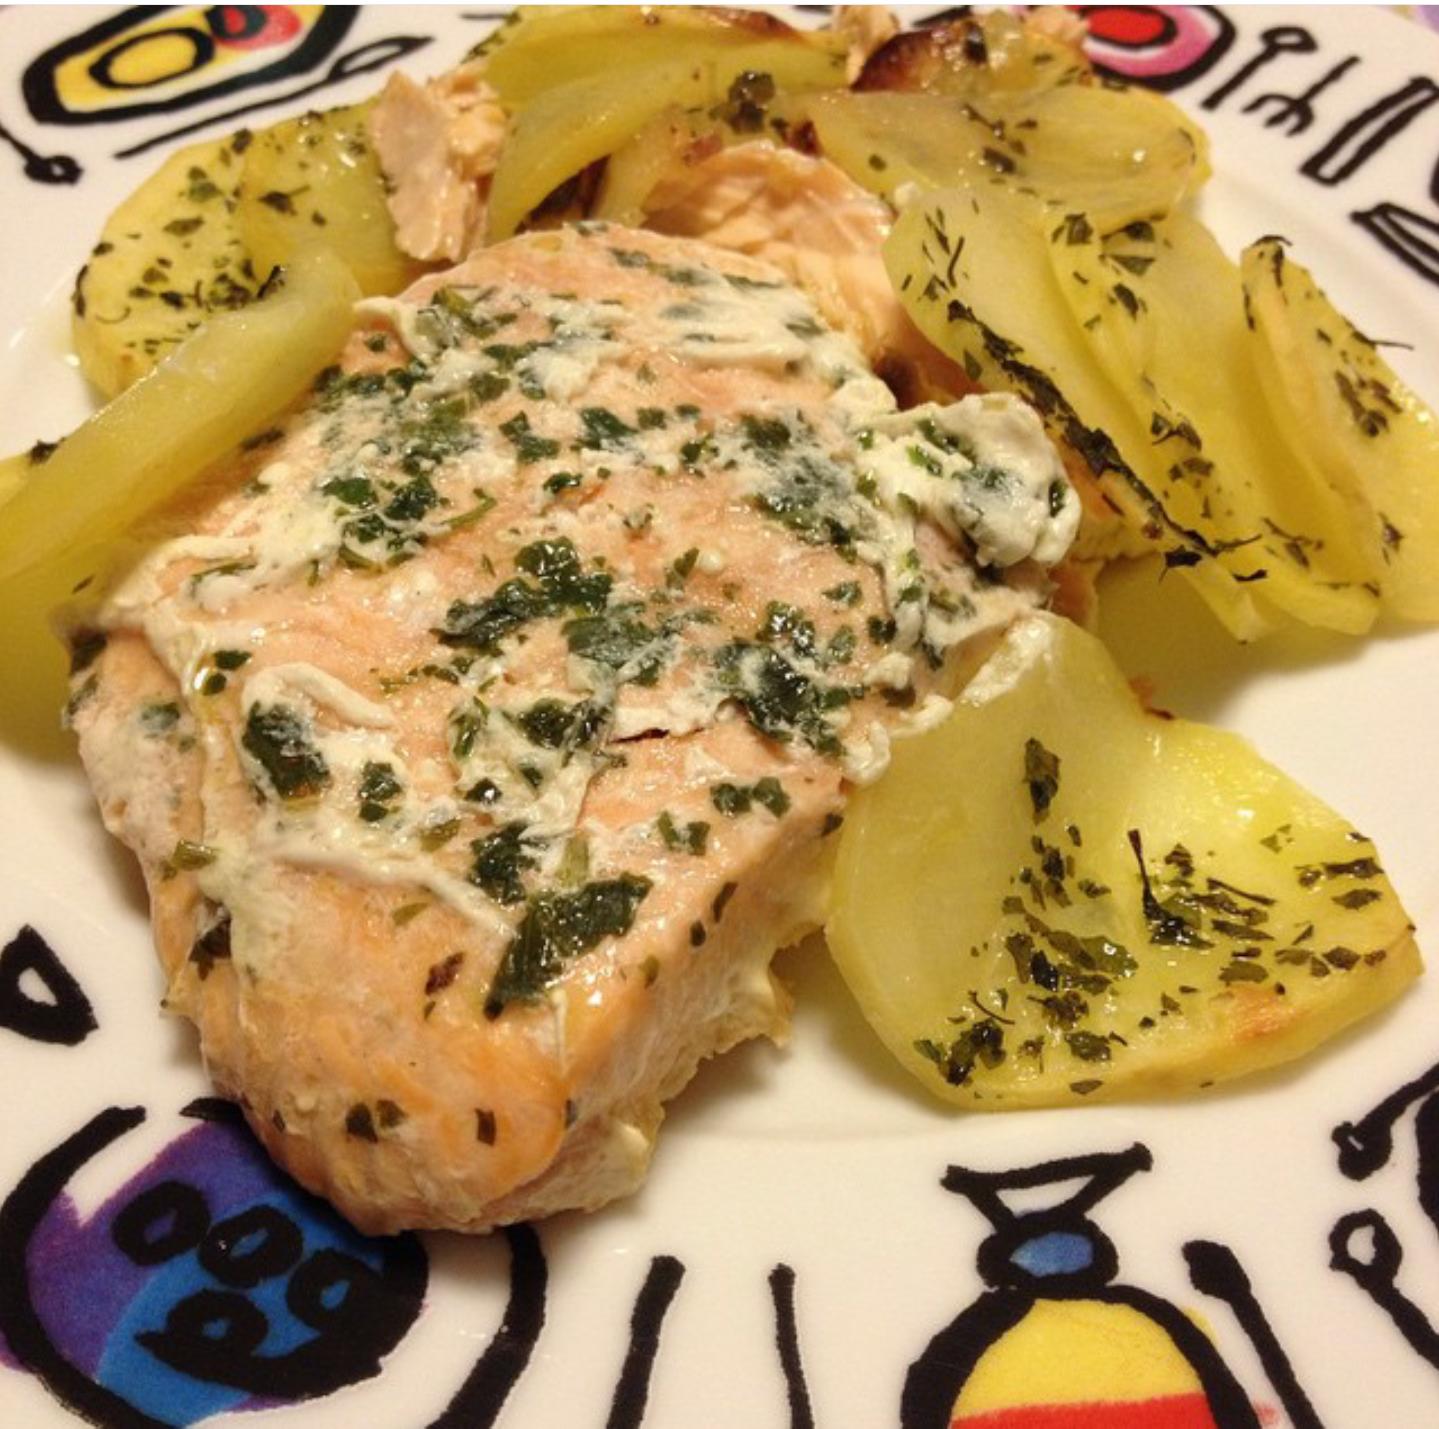 Ricetta Salmone Con Patate Al Forno.Salmone Con Patate Al Forno Una Mamma In Cucina